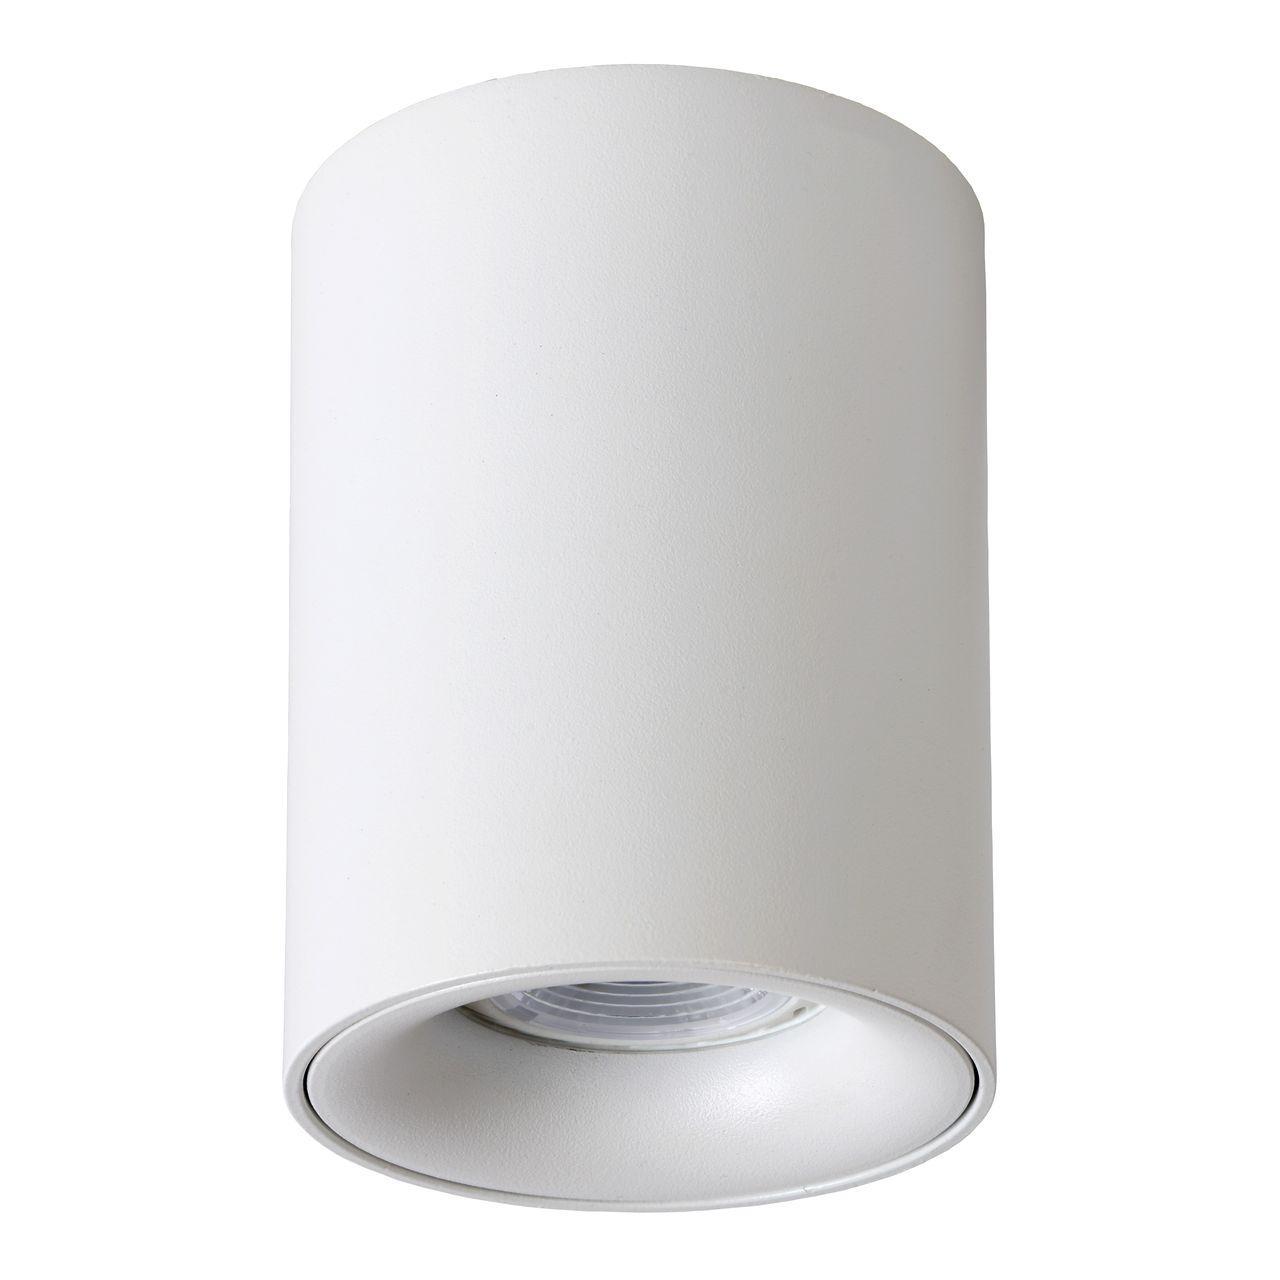 Потолочный светильник Bentoo Led белого цвета